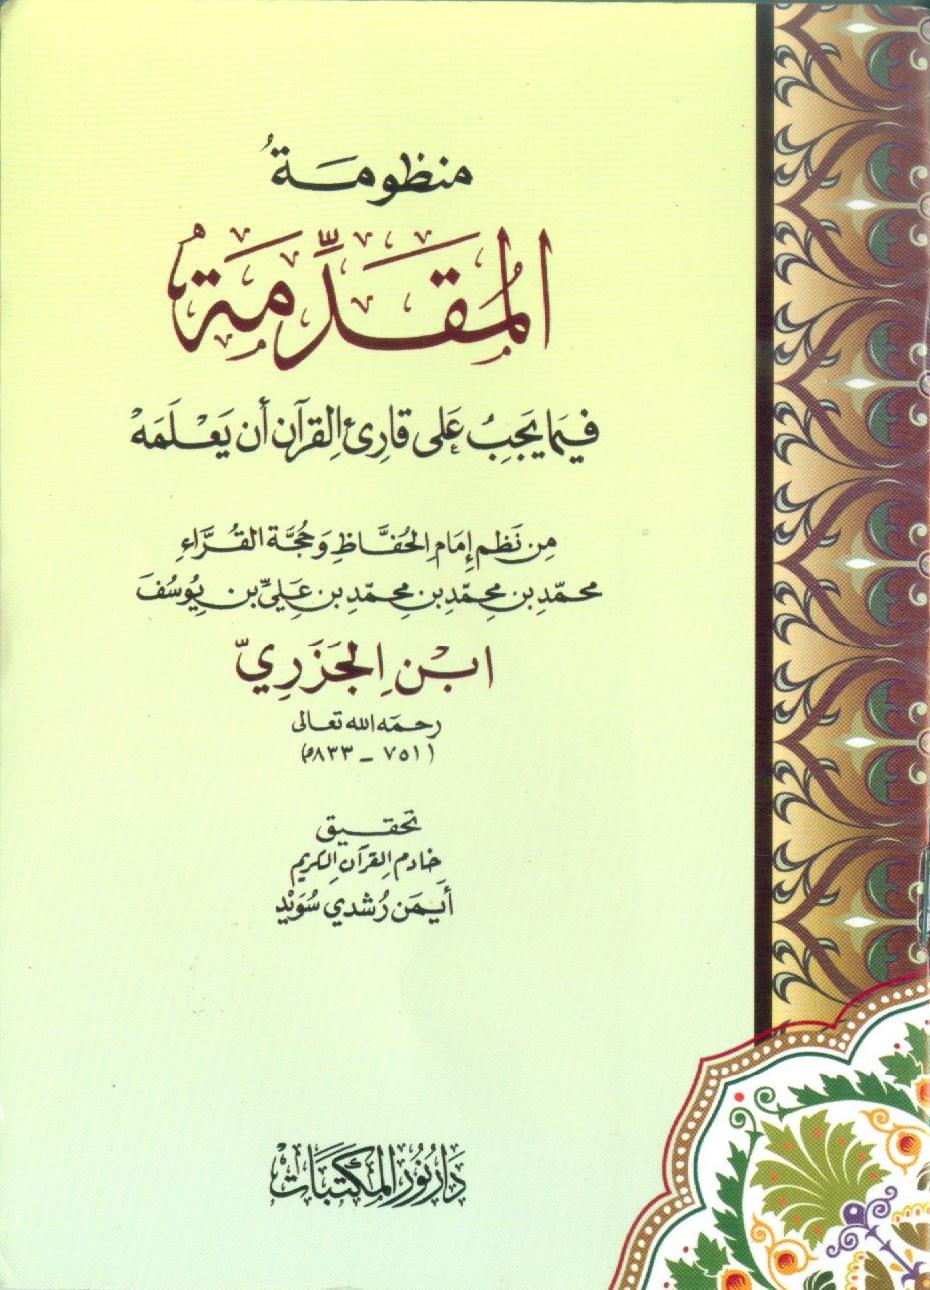 تحميل كتاب منظومة المقدمة فيما يجب على قارئ القرآن أن يعلمه لـِ: ابن الجزري